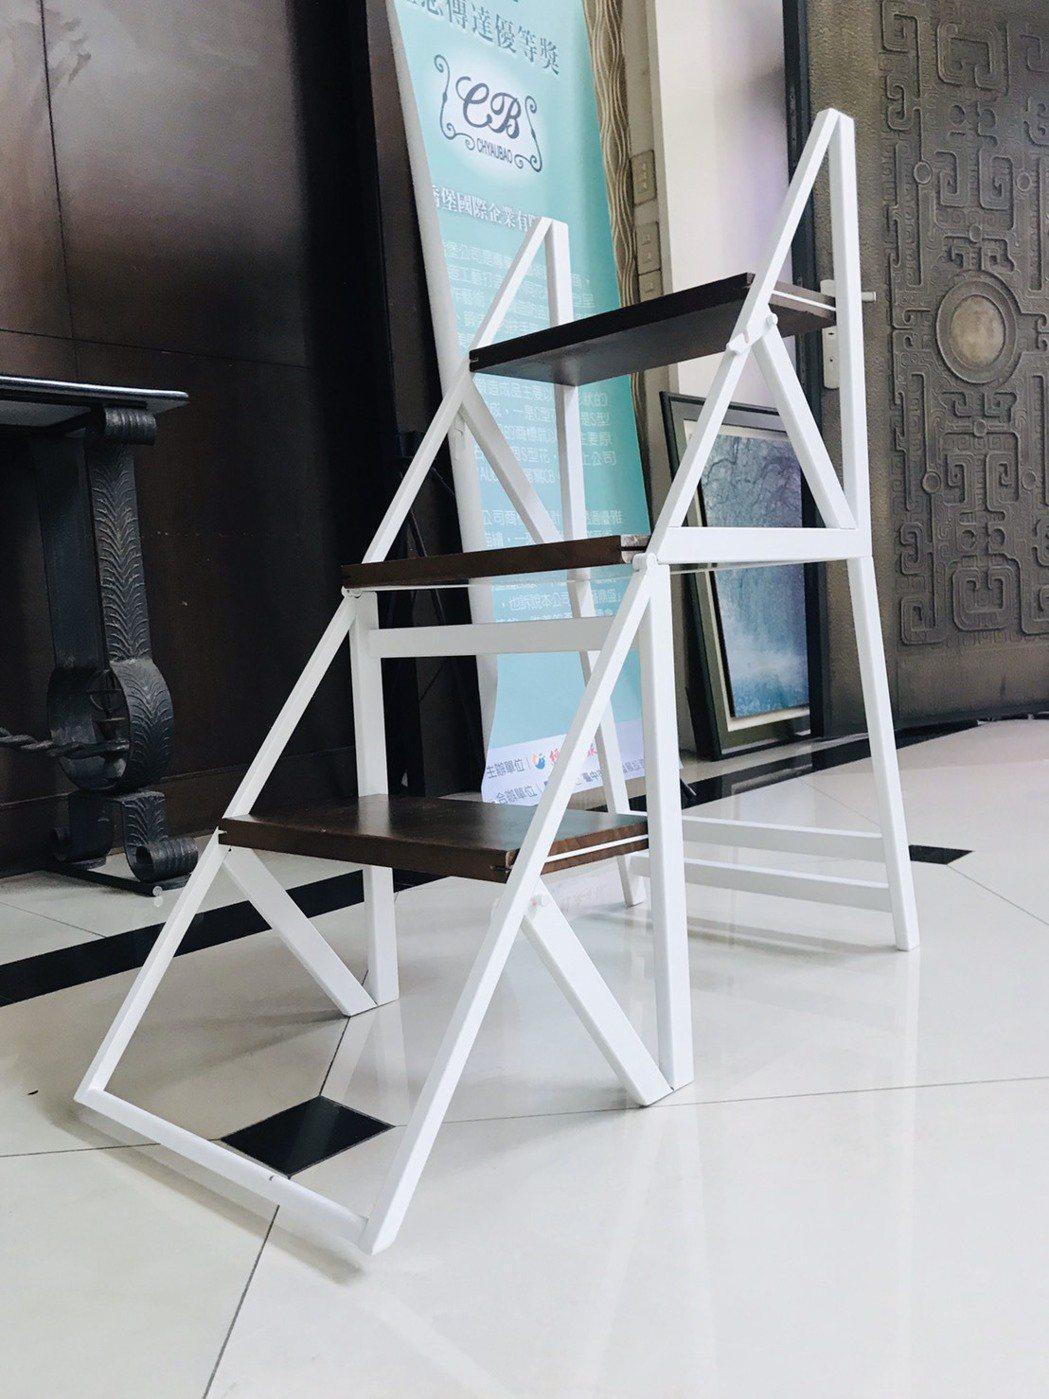 喬堡推出的多功能梯椅,銀髮族、女性朋友也能輕鬆搬移與使用。 喬堡/提供